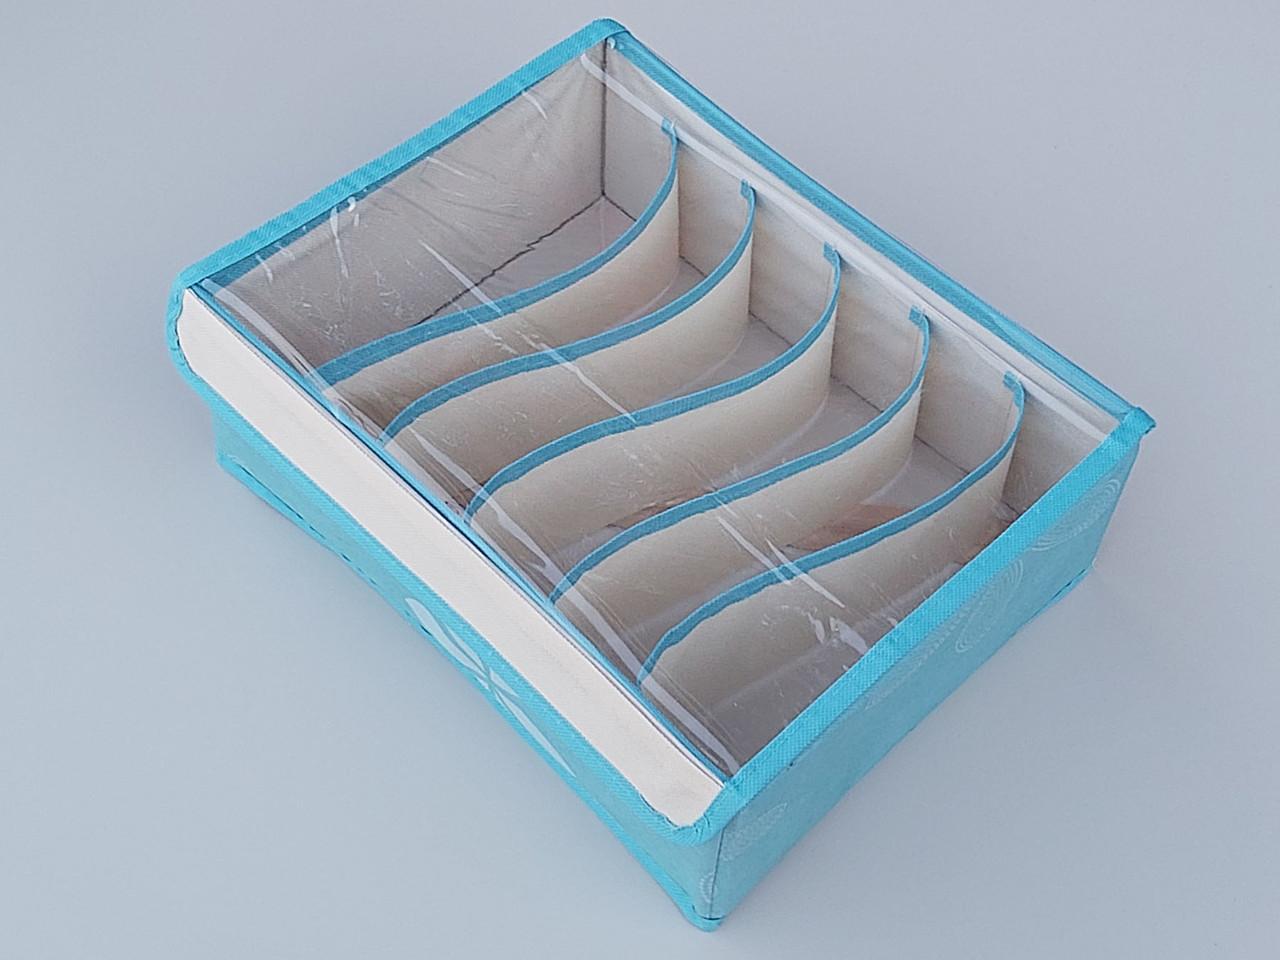 Органайзер на 6 отделений с крышкой  для хранения нижнего белья и мелких предметов одежды.Цвет голубой